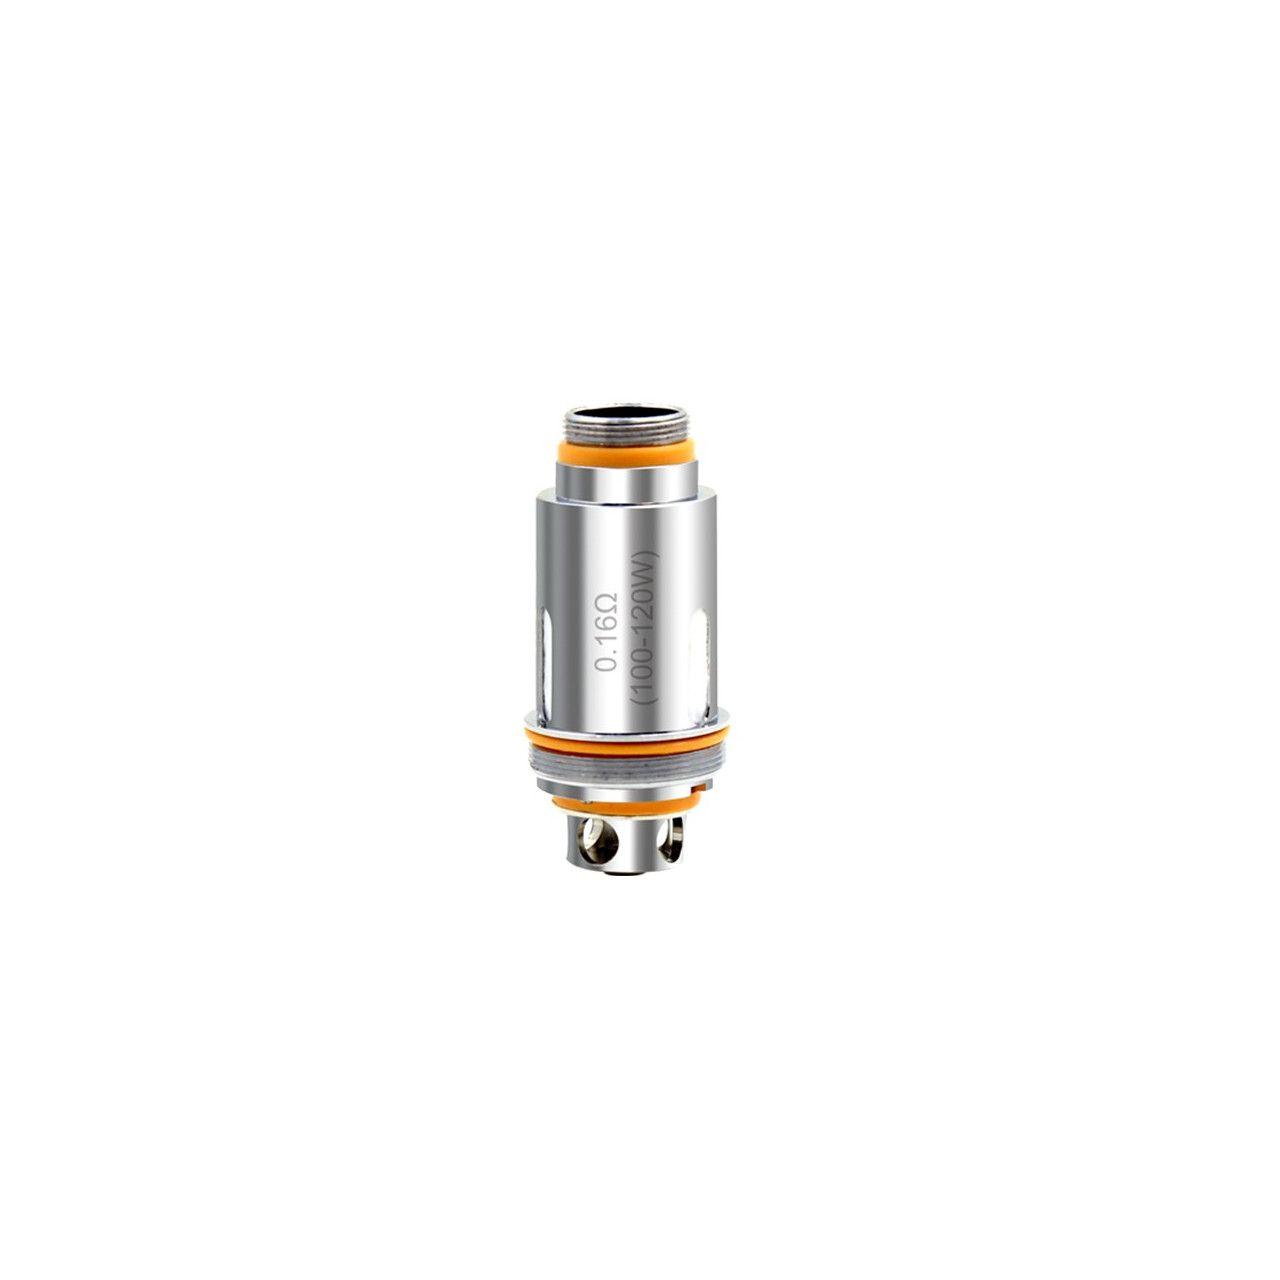 Coilhead p/ Atomizador Aspire Cleito 120